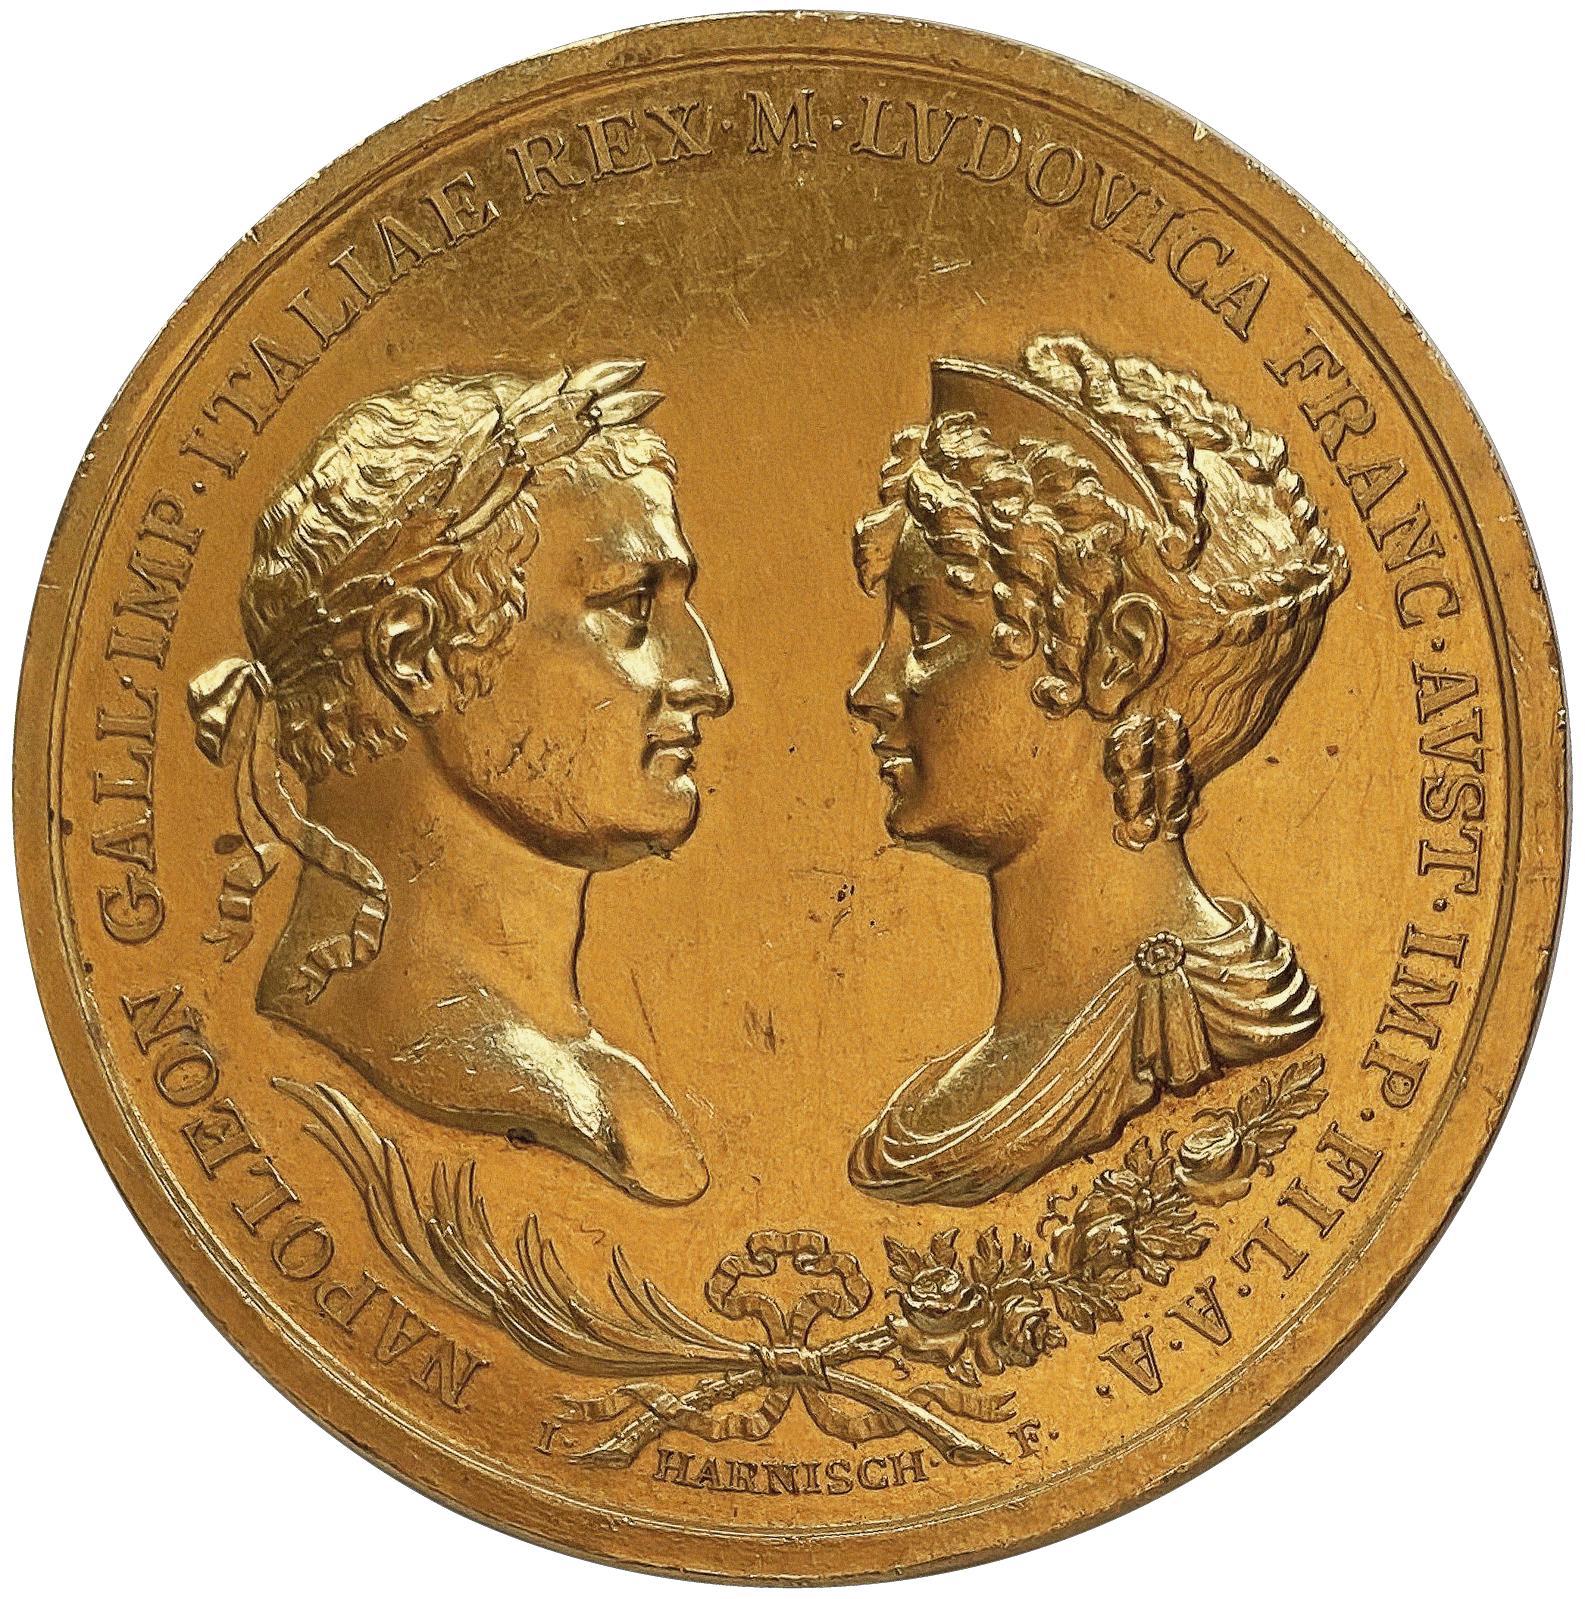 Trois belles surprises attendaient les médailles en or (MmeBerthelot-Vinchon). Celle-ci, célébrant le mariage de NapoléonIer et de Marie